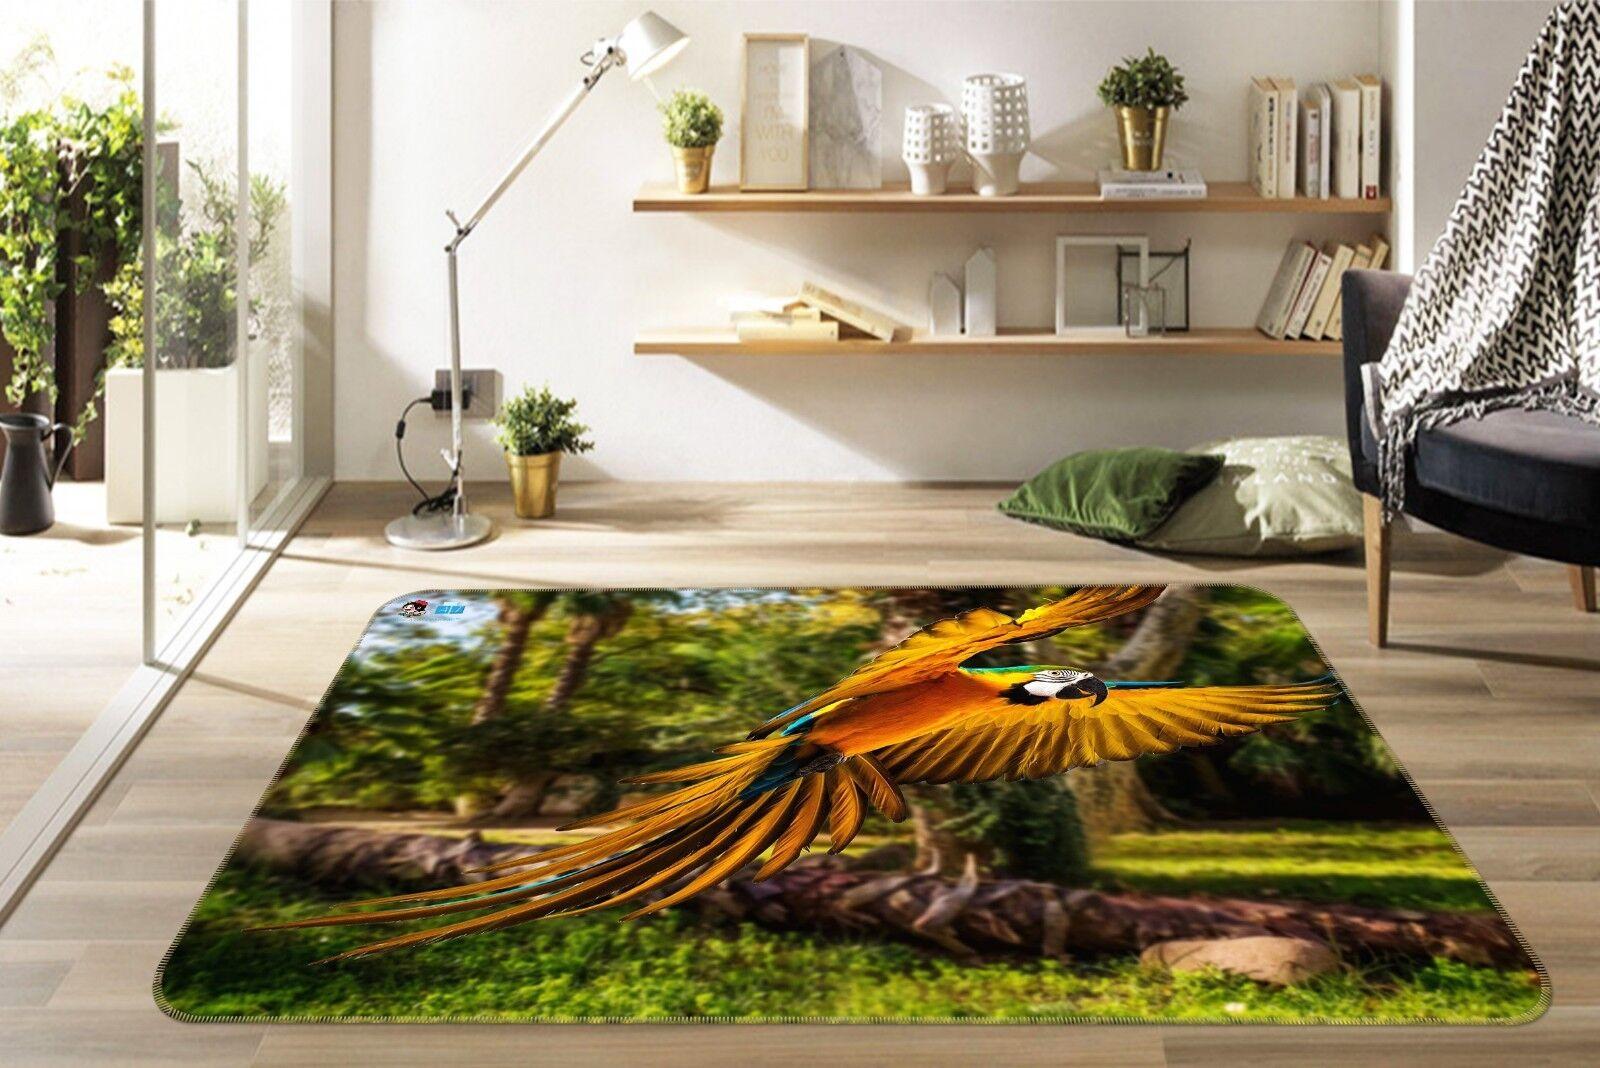 3D Parrosso Foresta 66 tappetino antiscivolo tappeto camera Tappetino Qualità Elegante foto Tappeto UK